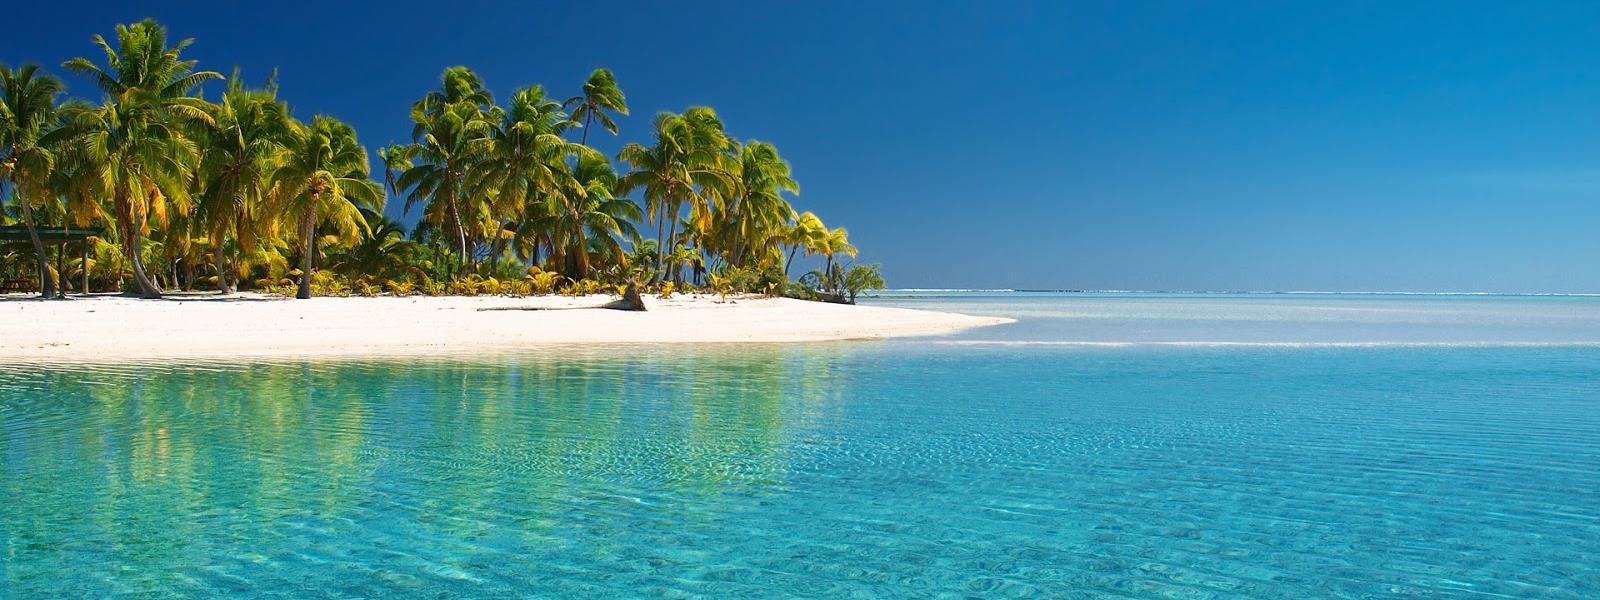 Vacaciones en el Caribe de Soltour